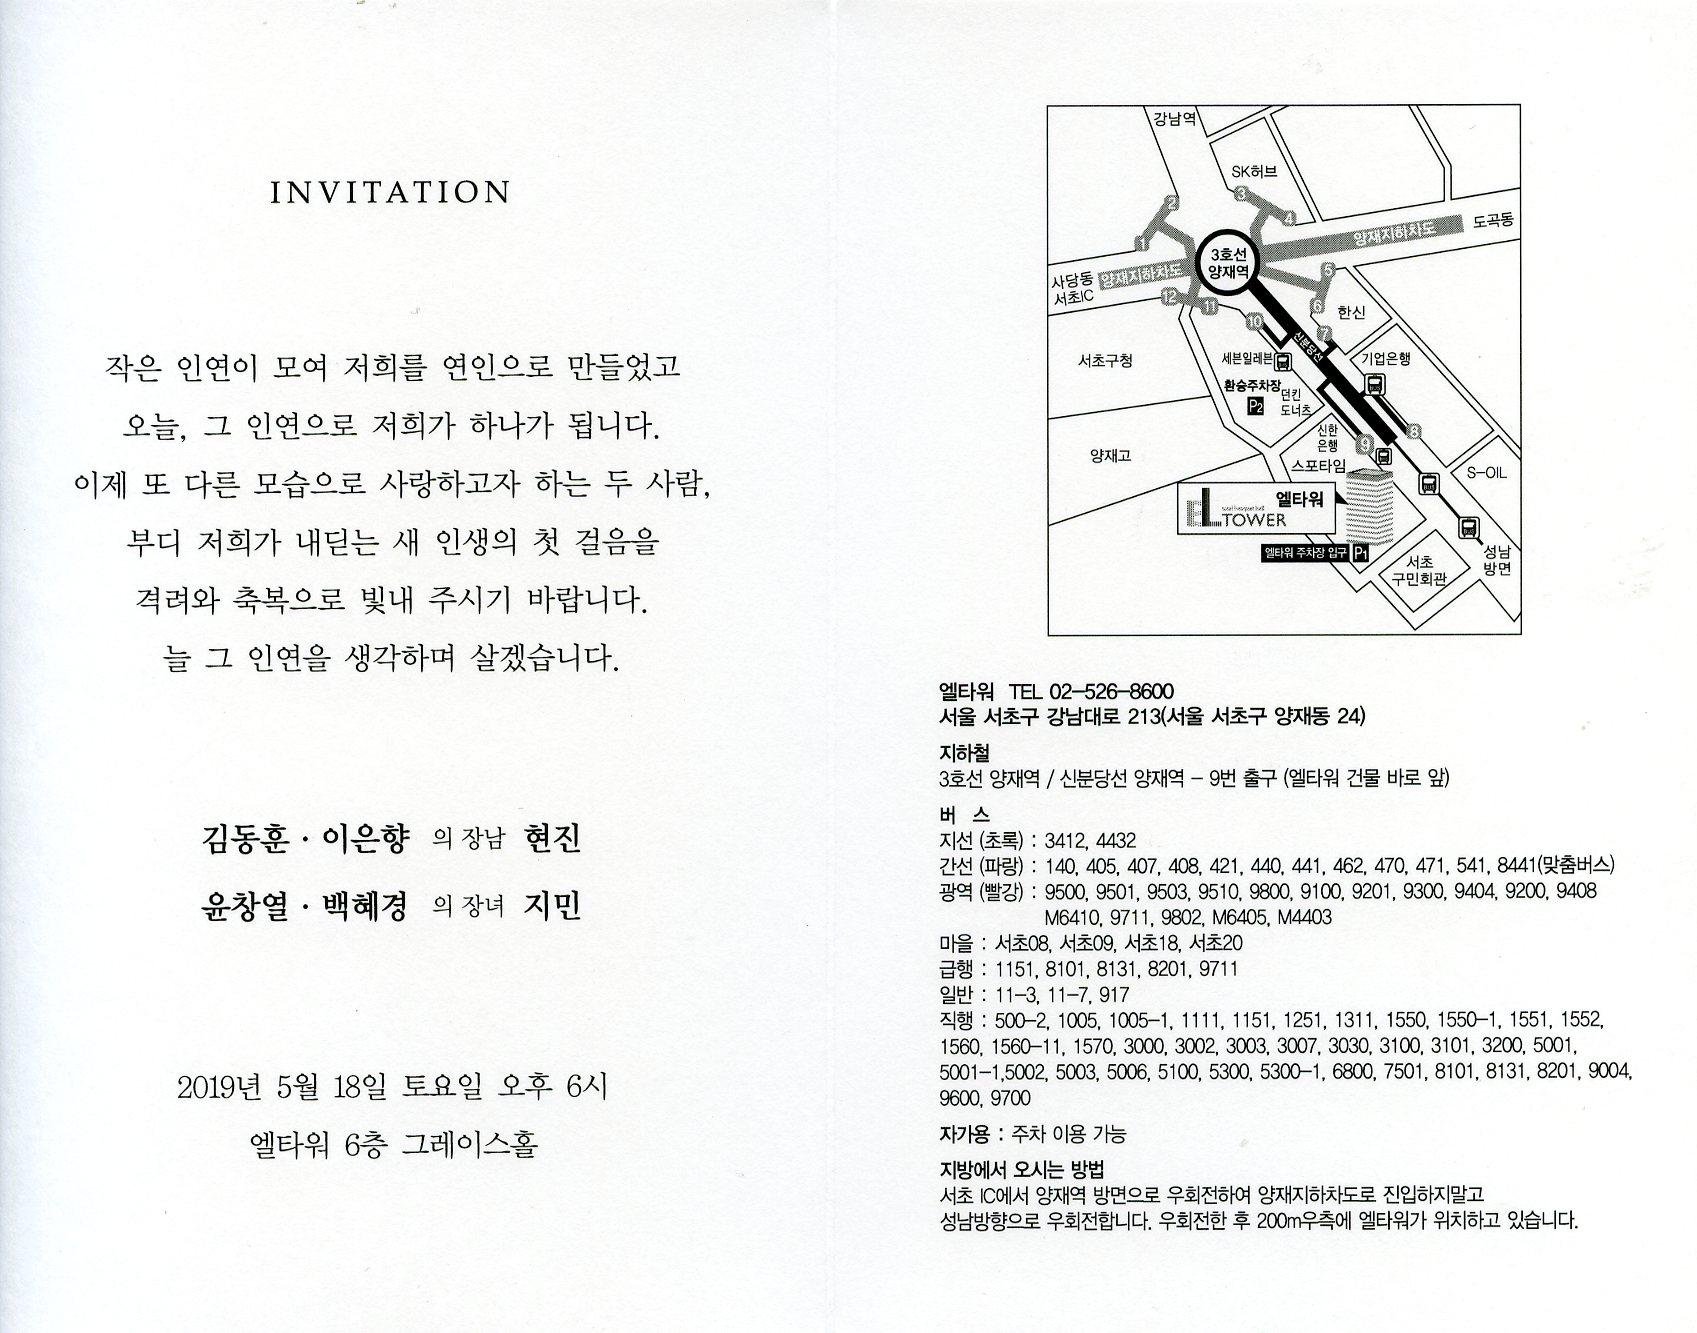 김현진,윤지민 전공의 청첩장835.jpg